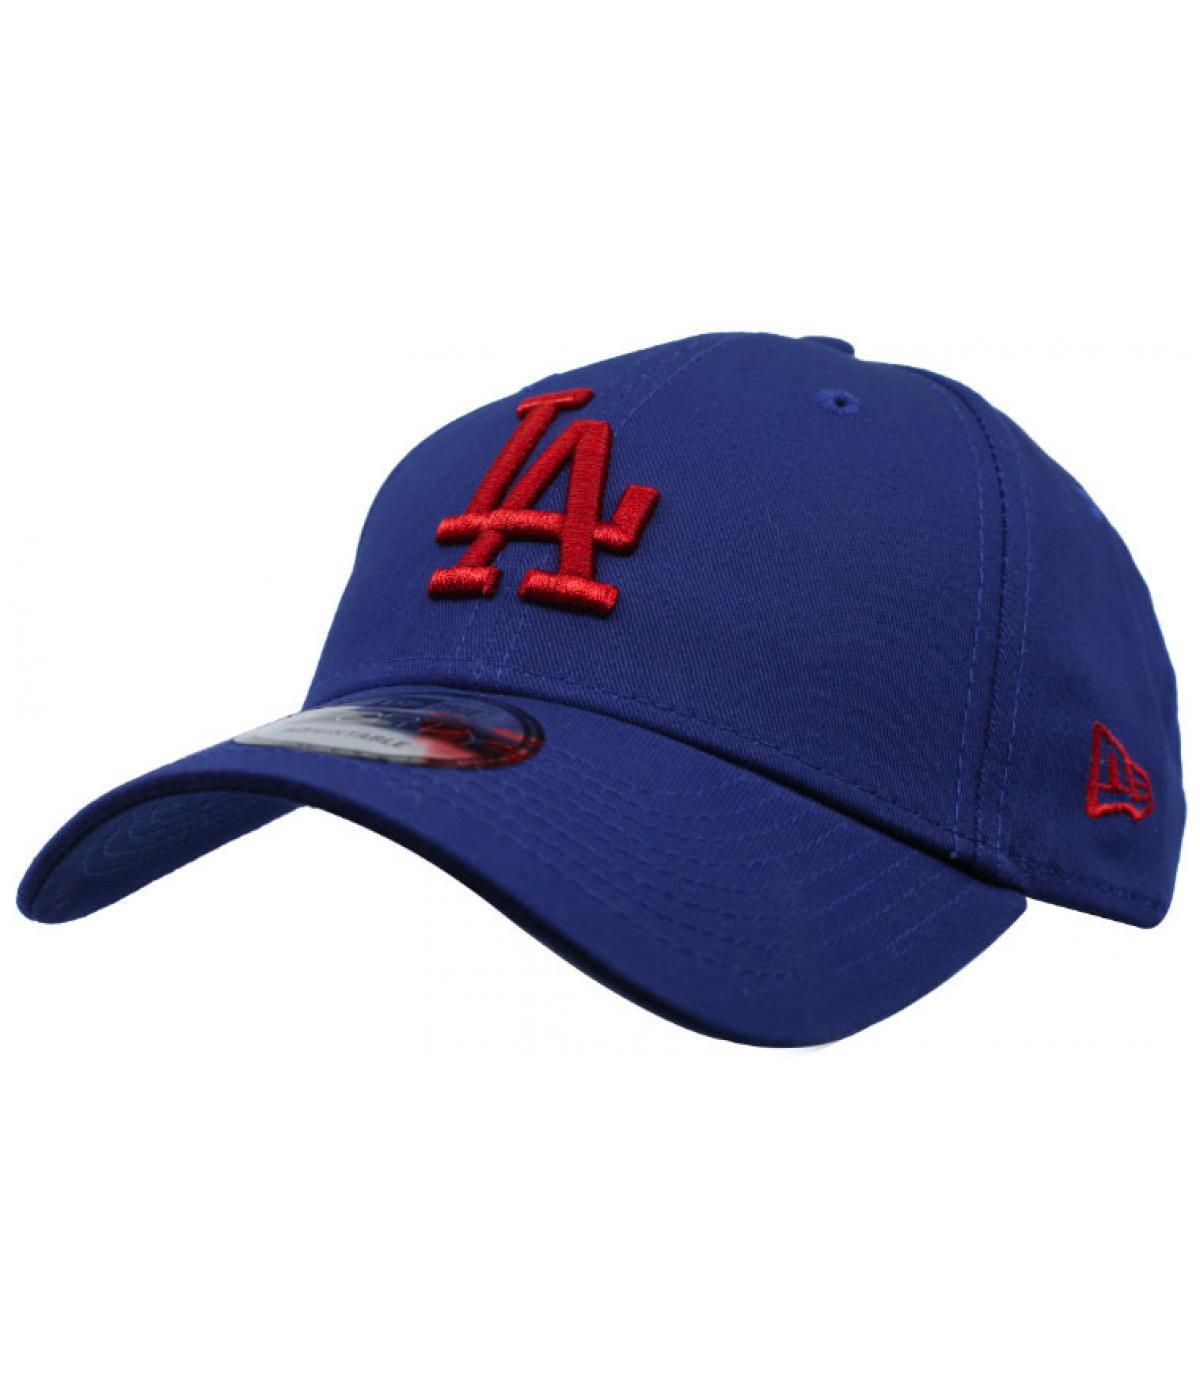 New Era azul - Compra venta de New Era azul. Primera sombrerería en línea.  Entrega en 48 72horas. 0e7b208f9c0